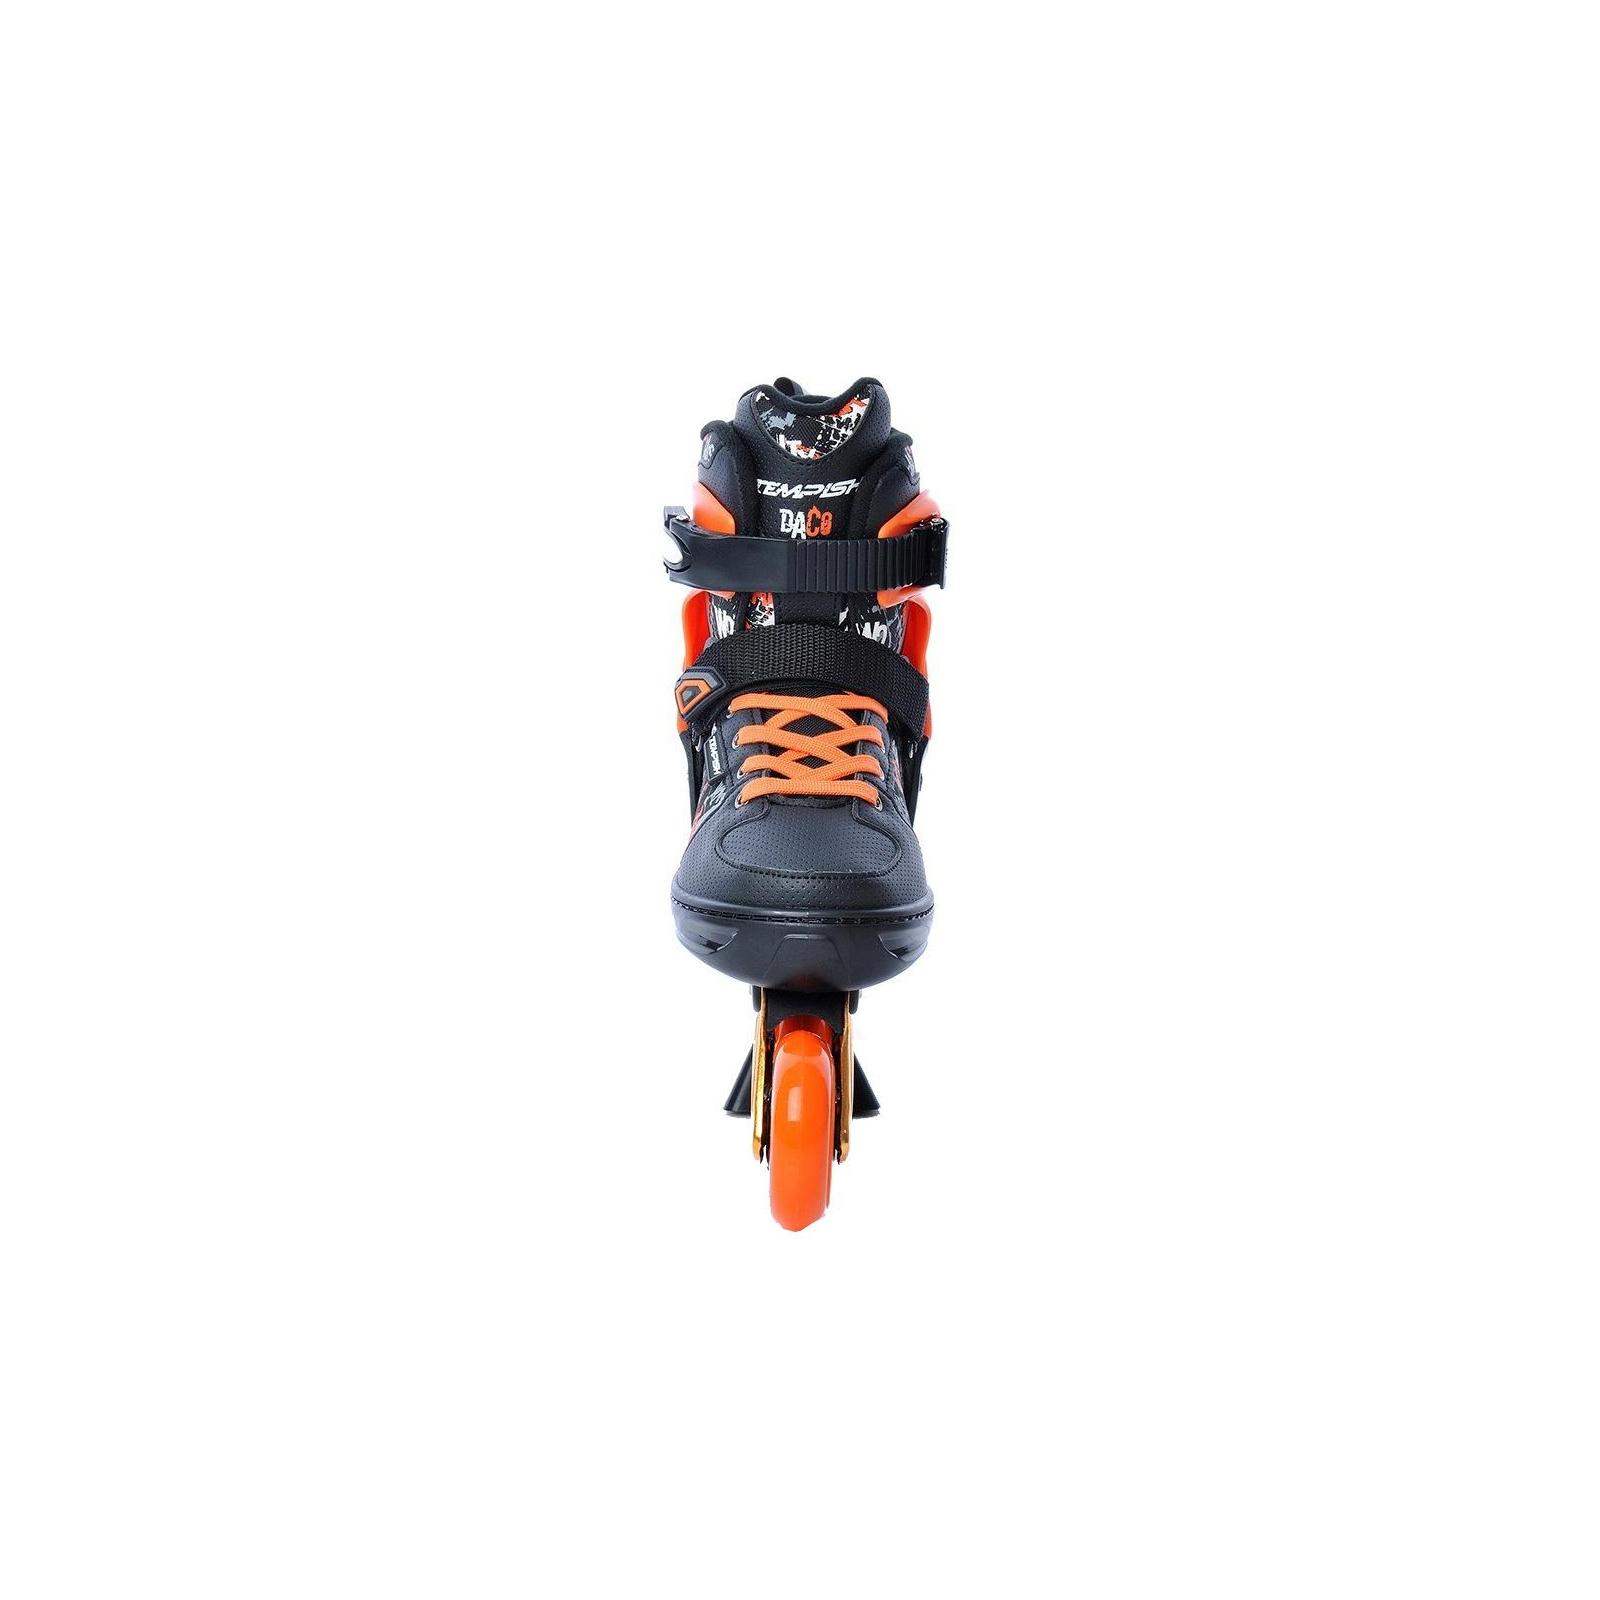 Роликовые коньки Tempish DACO black/37-40 1000027/BLACK/37-40 (1000027/BLACK/37-40) изображение 5